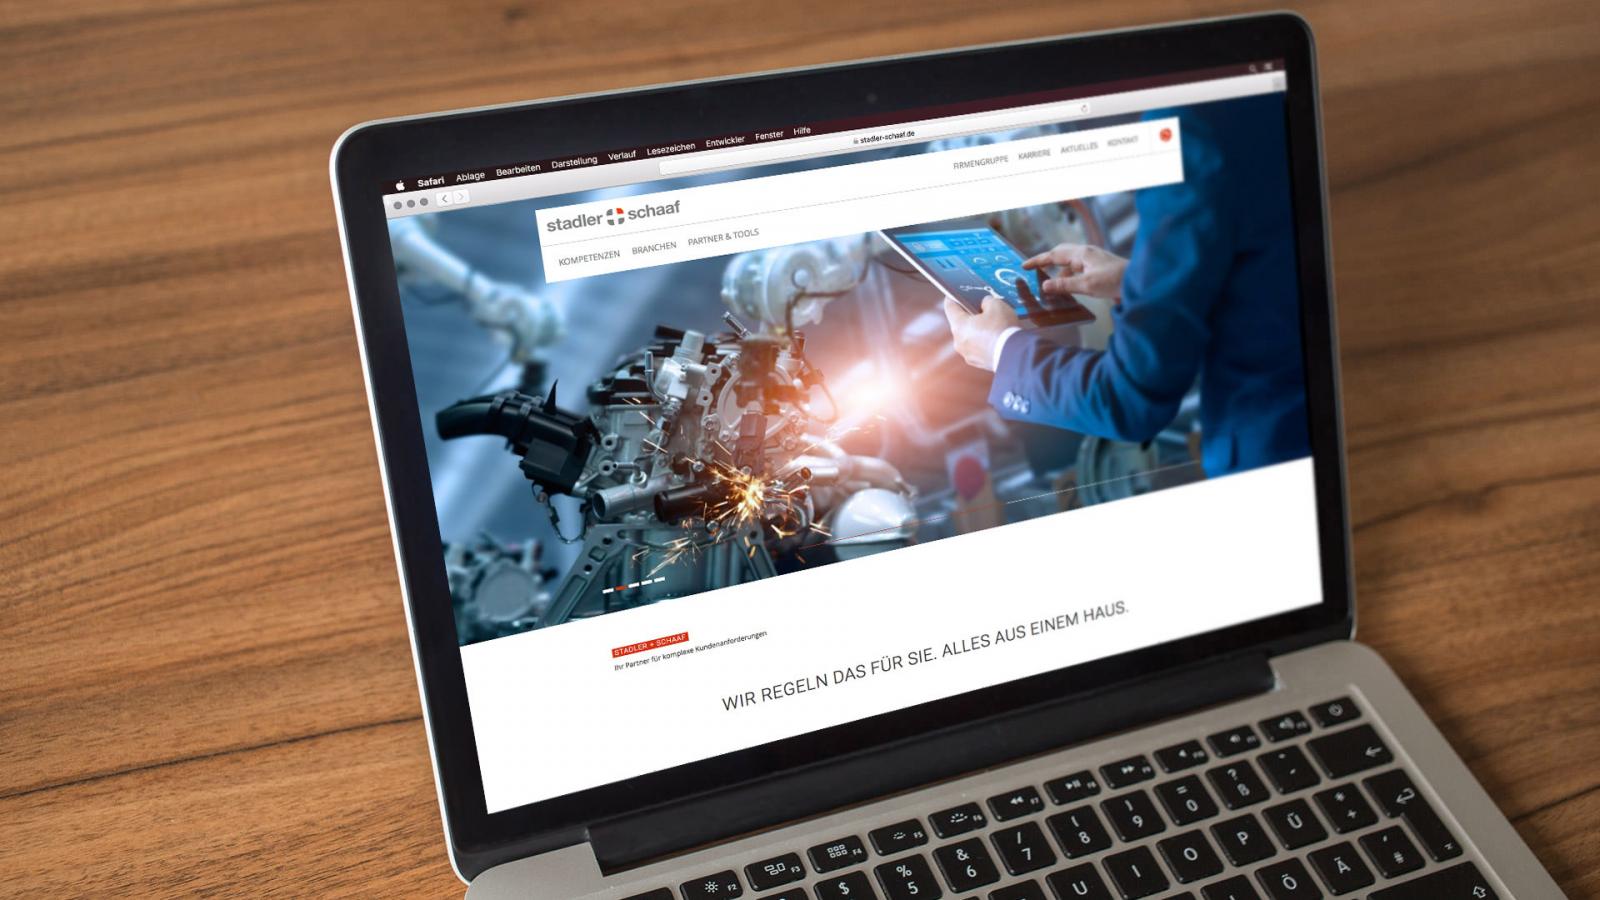 Sabath Media Werbeagentur - Stadler + Schaaf – Website Relaunch - Referenzbild 1